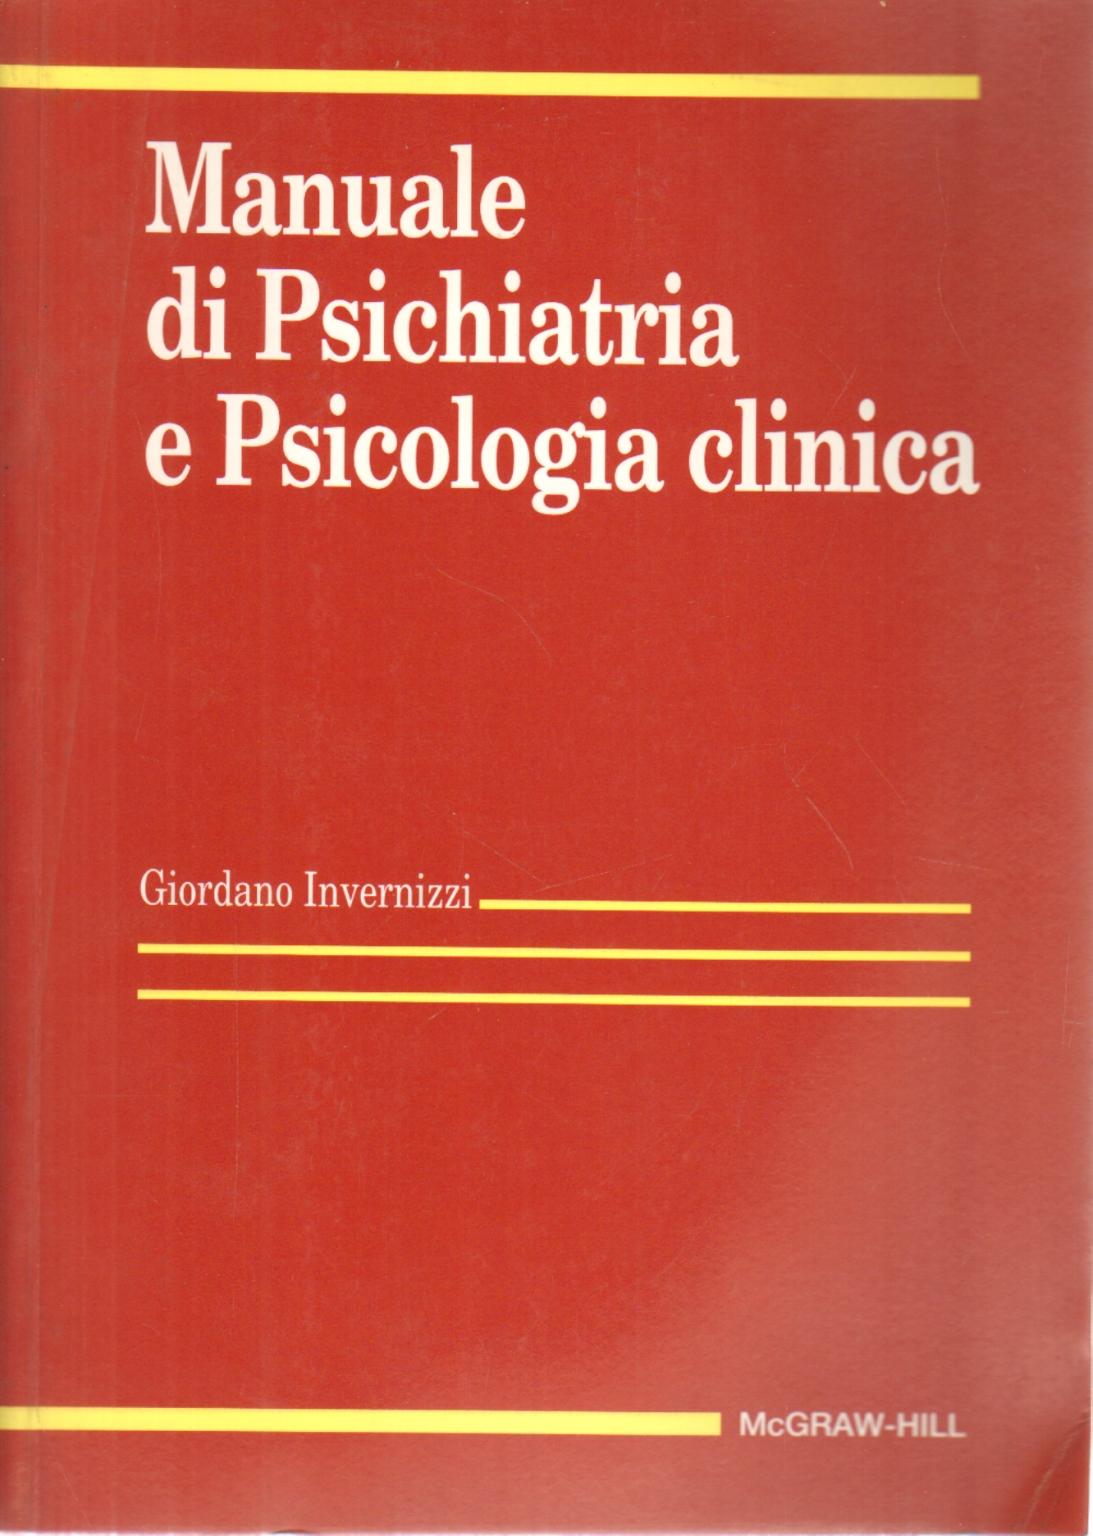 psichiatria psicologia